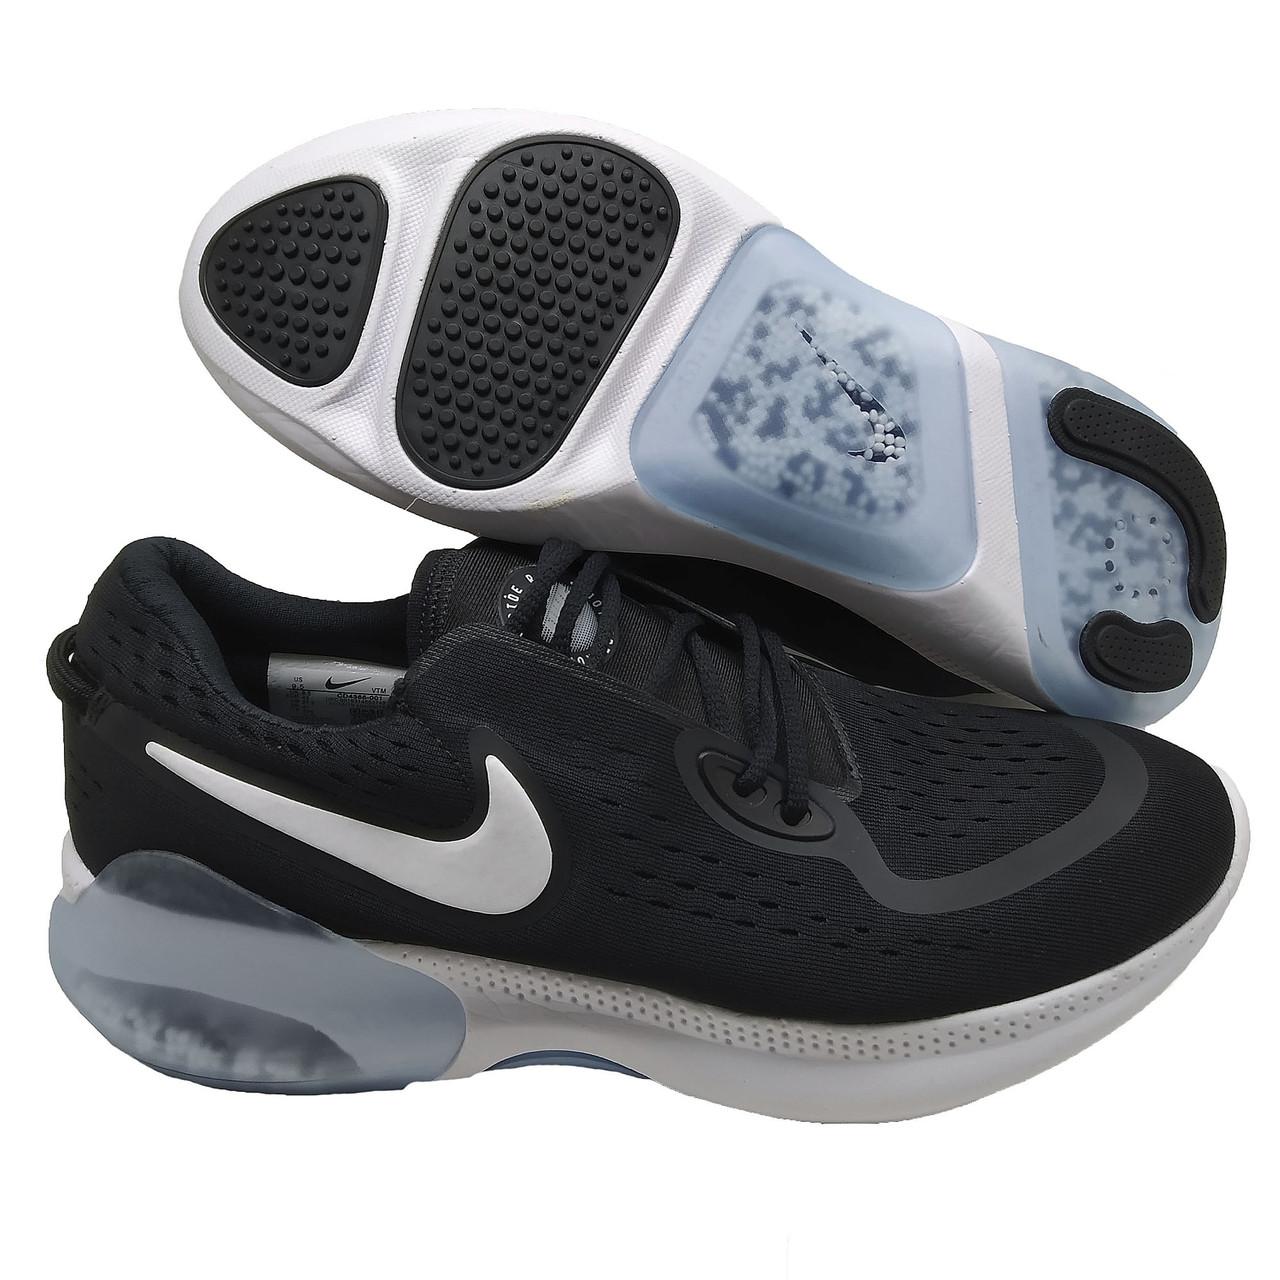 Мужские кроссовки текстильная вязка похожие на Nike Joyride Run